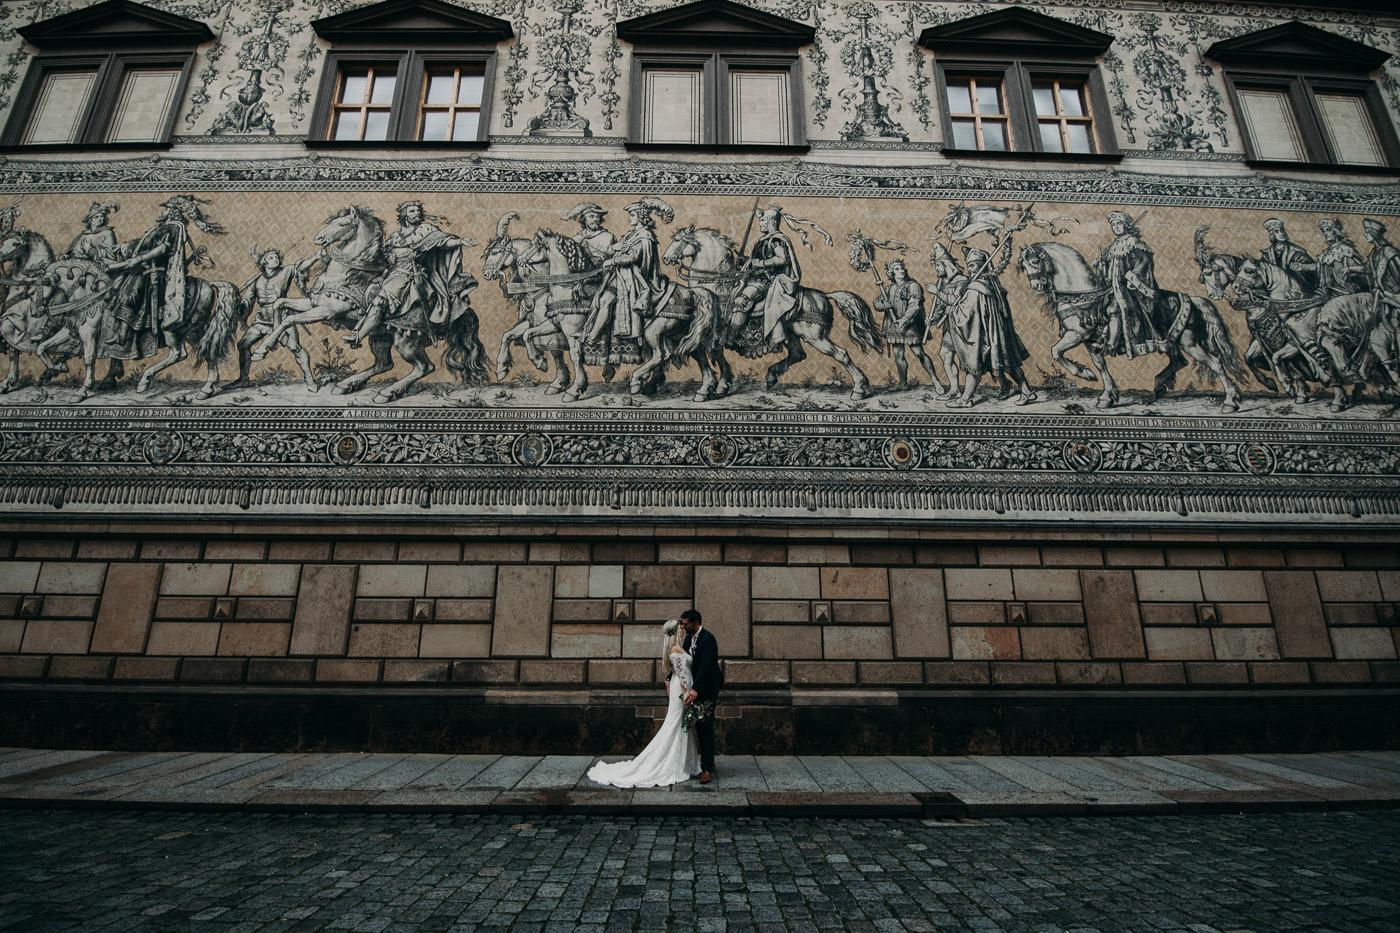 Fotograf Dresden Hochzeit Hochzeitsfotograf Dresden Hochzeitsfotos Preise Hochzeitsfotografie